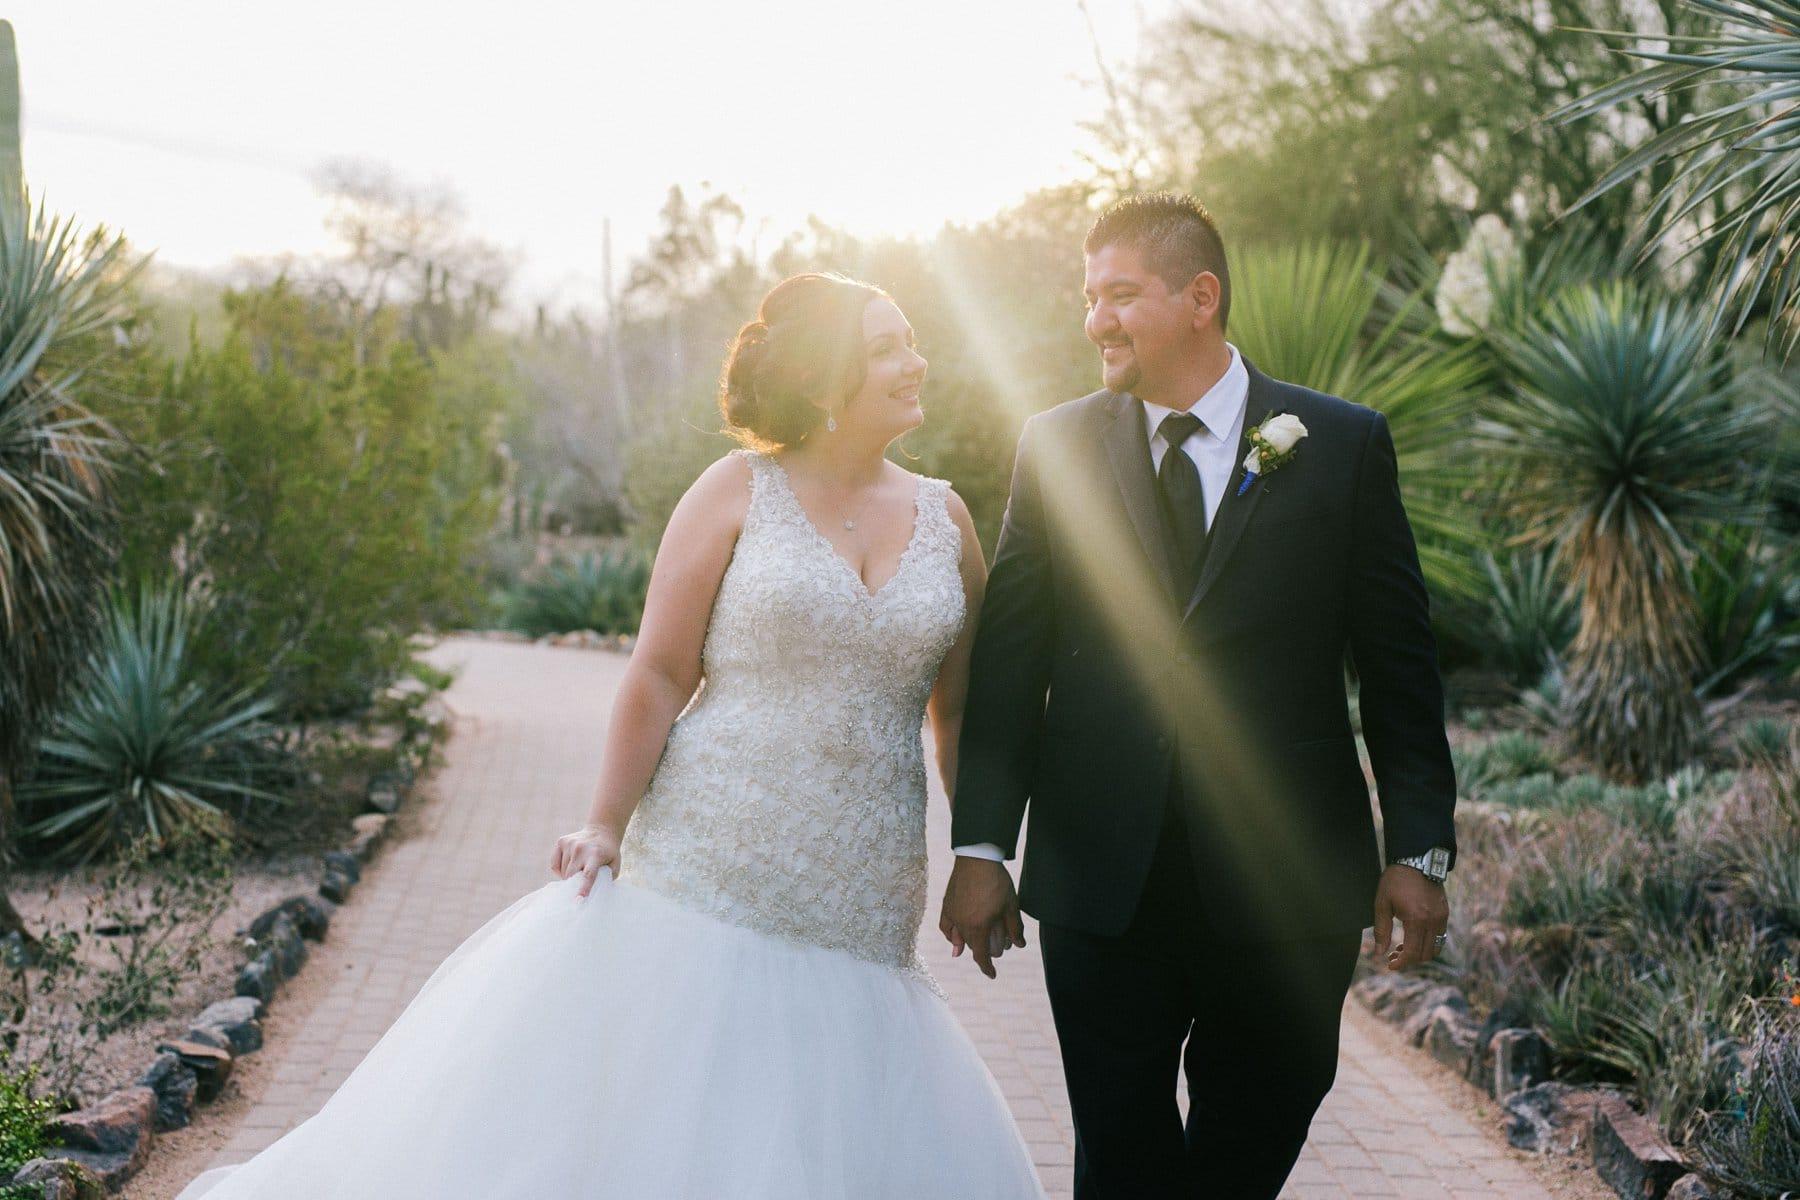 bride & groom at Desert Botanical Garden at sunset